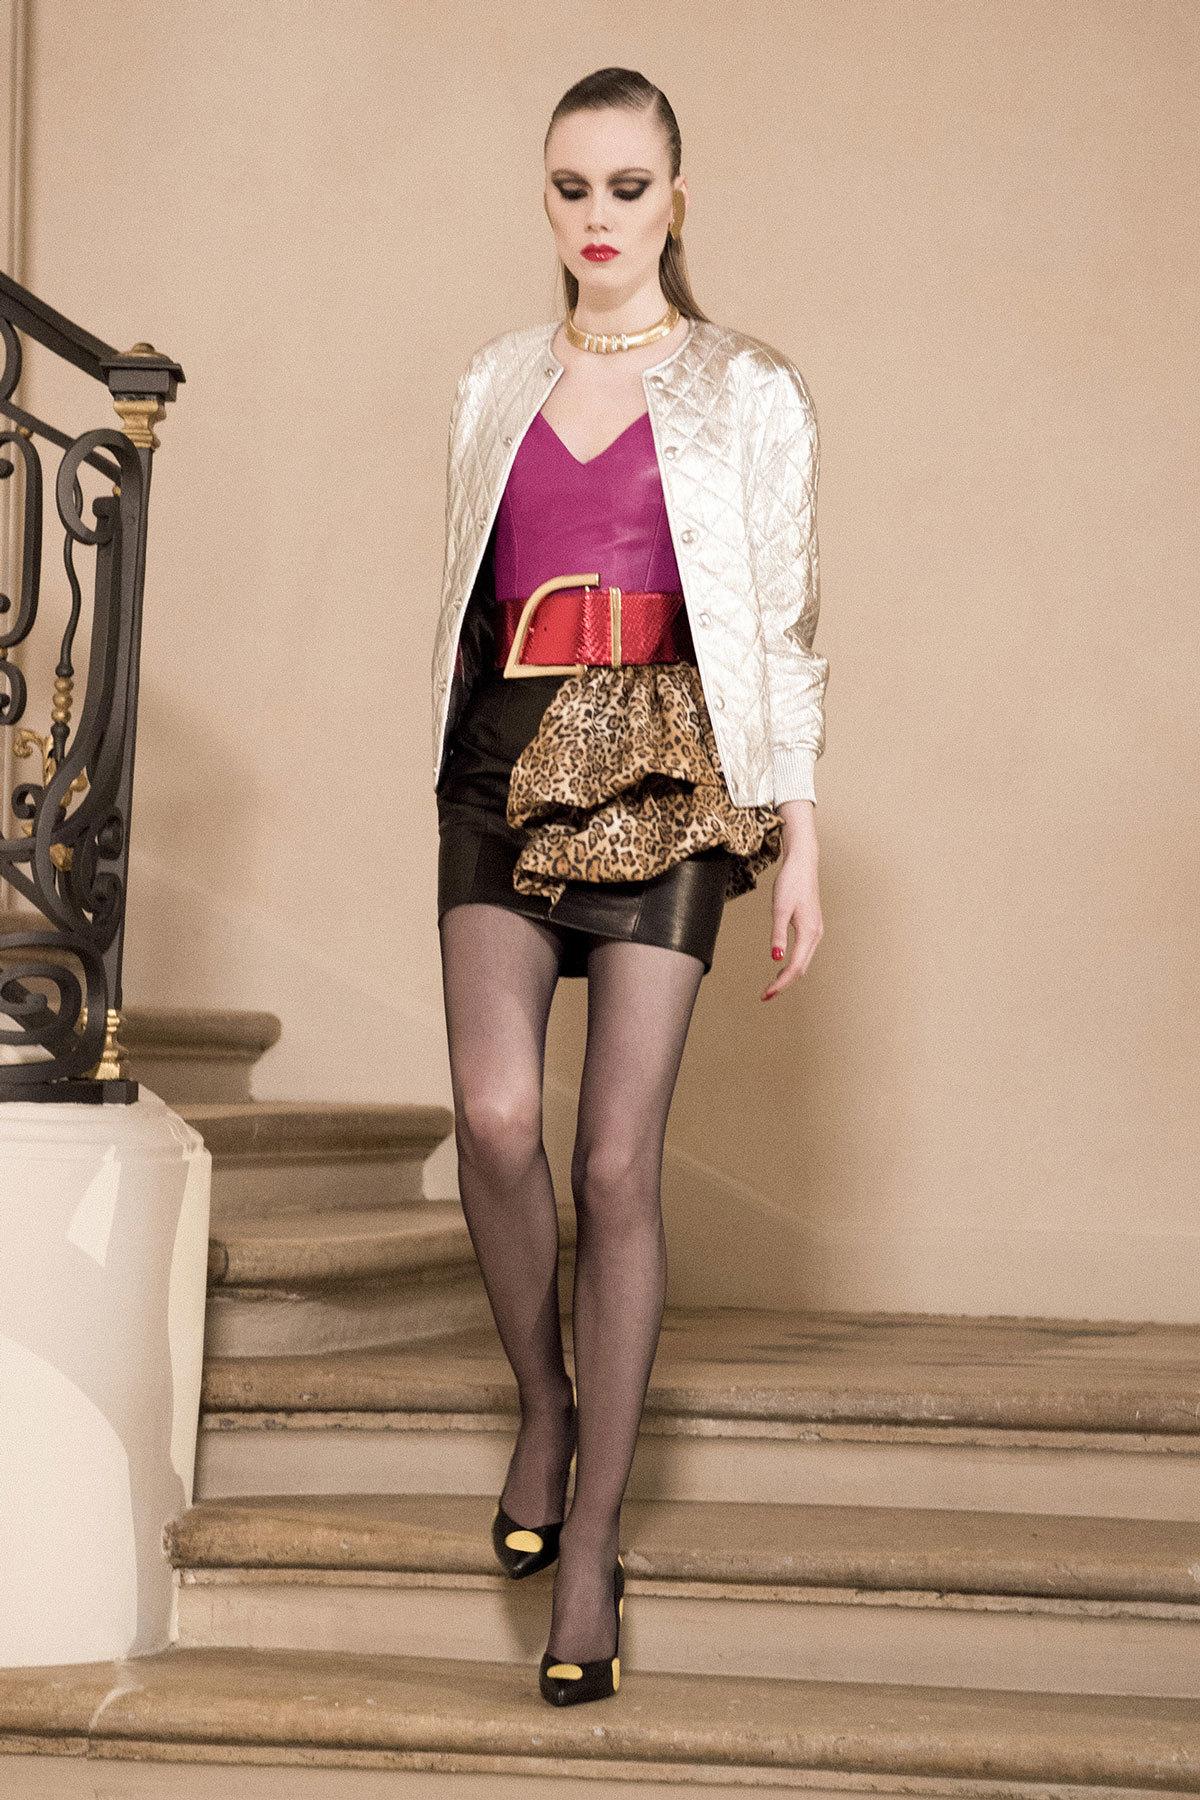 saint laurent's fall/winter 16 couture surprise - i-D